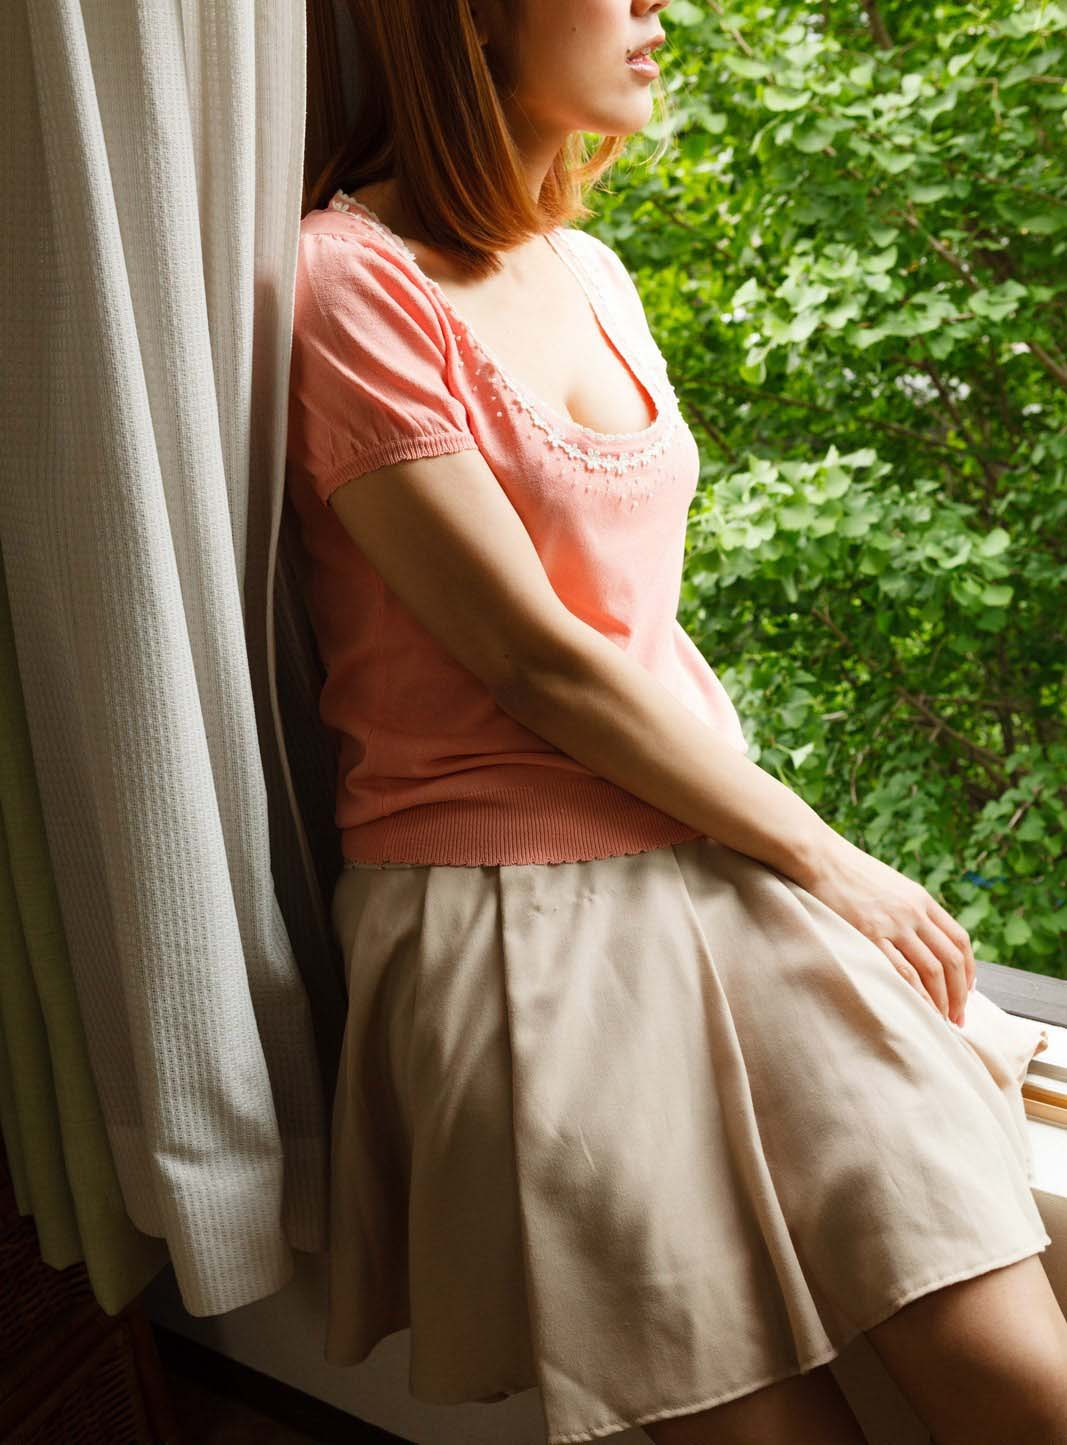 山川青空 パイパンおまんこが卑猥過ぎる山川青空のエロ画像 55